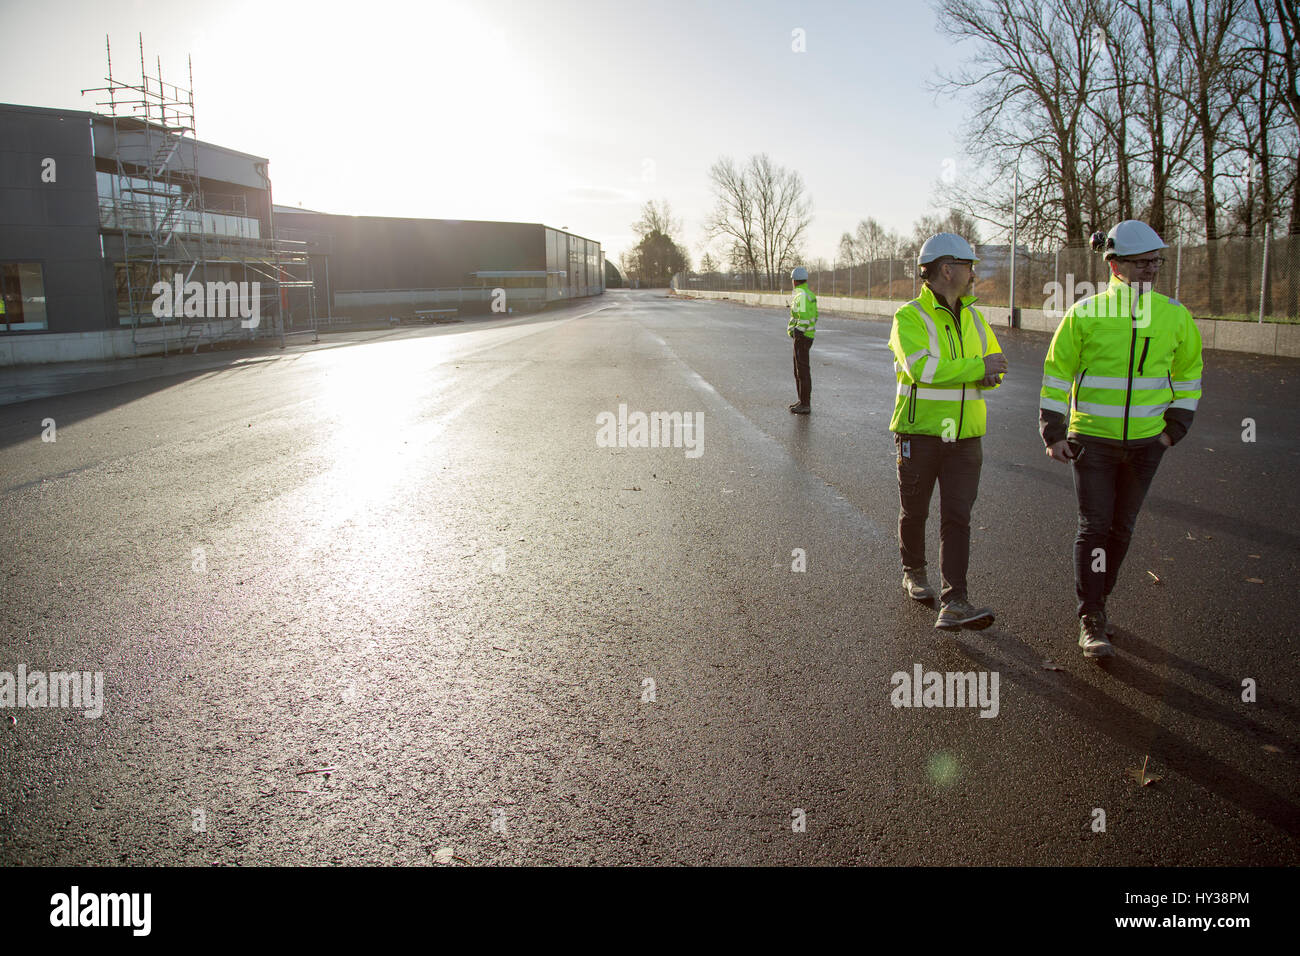 Schweden, reife Männer tragen von Arbeitskleidung in der Straße außerhalb der Baustelle Stockbild